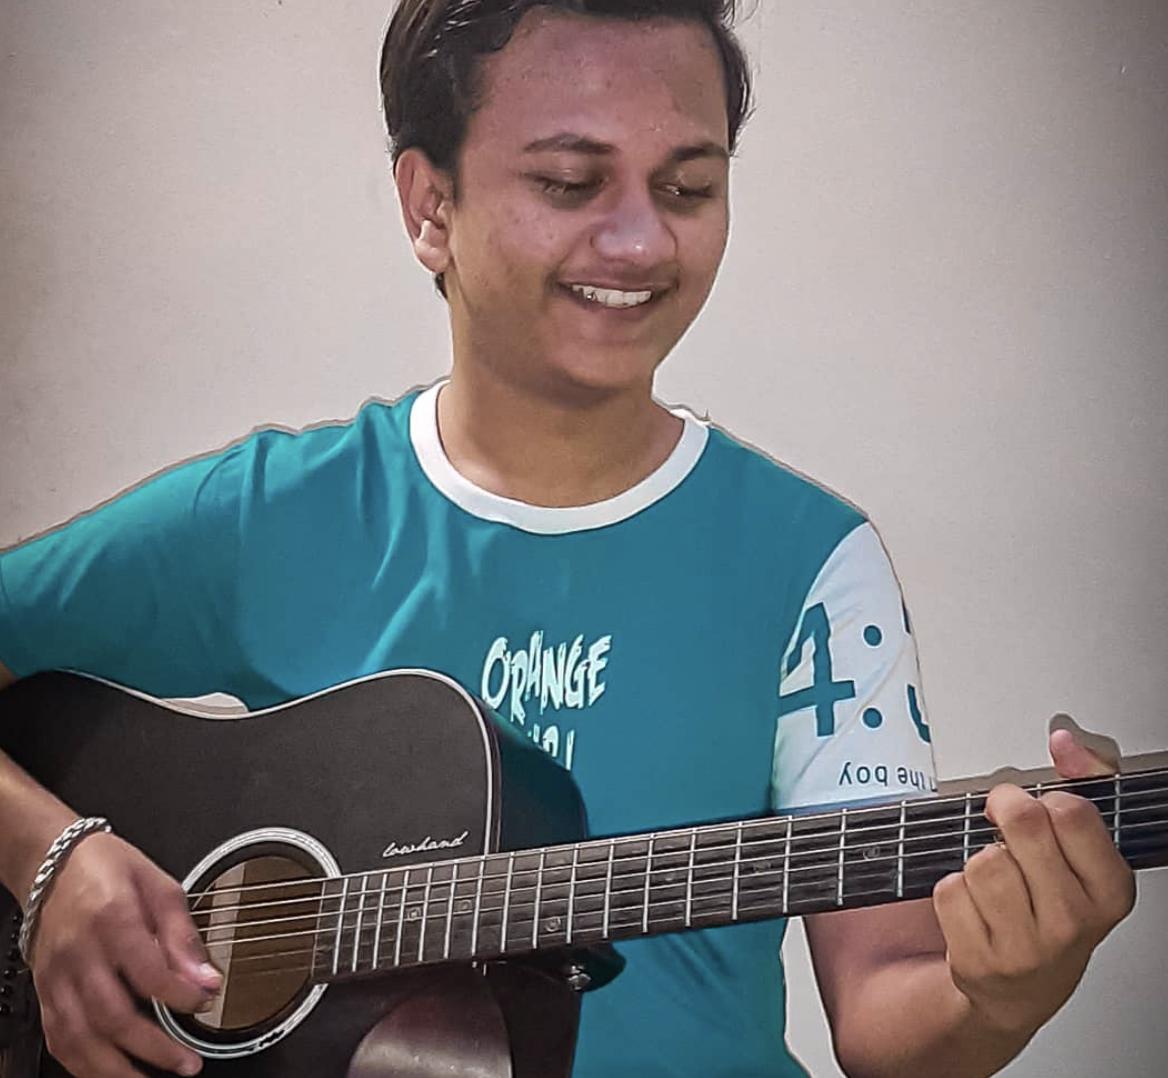 Rohan Tilaganji | Dancer and Singer on Social Media